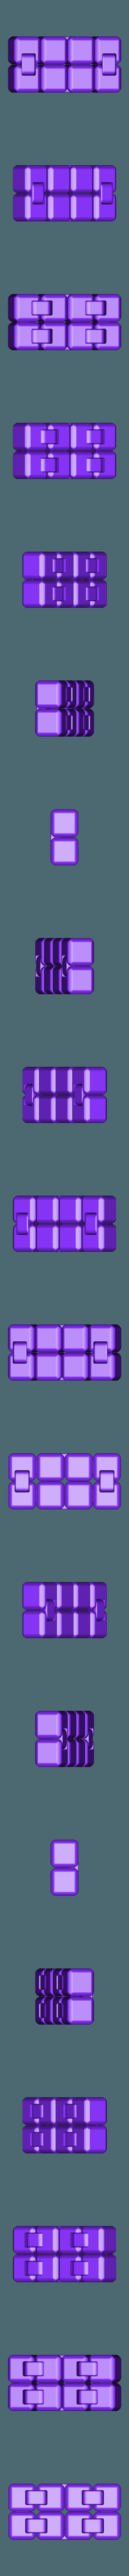 Fidget_Cube_blockGap0.20_hingeGap0.3.stl Télécharger fichier STL gratuit Fidget Cube Remix • Design à imprimer en 3D, WalterHsiao